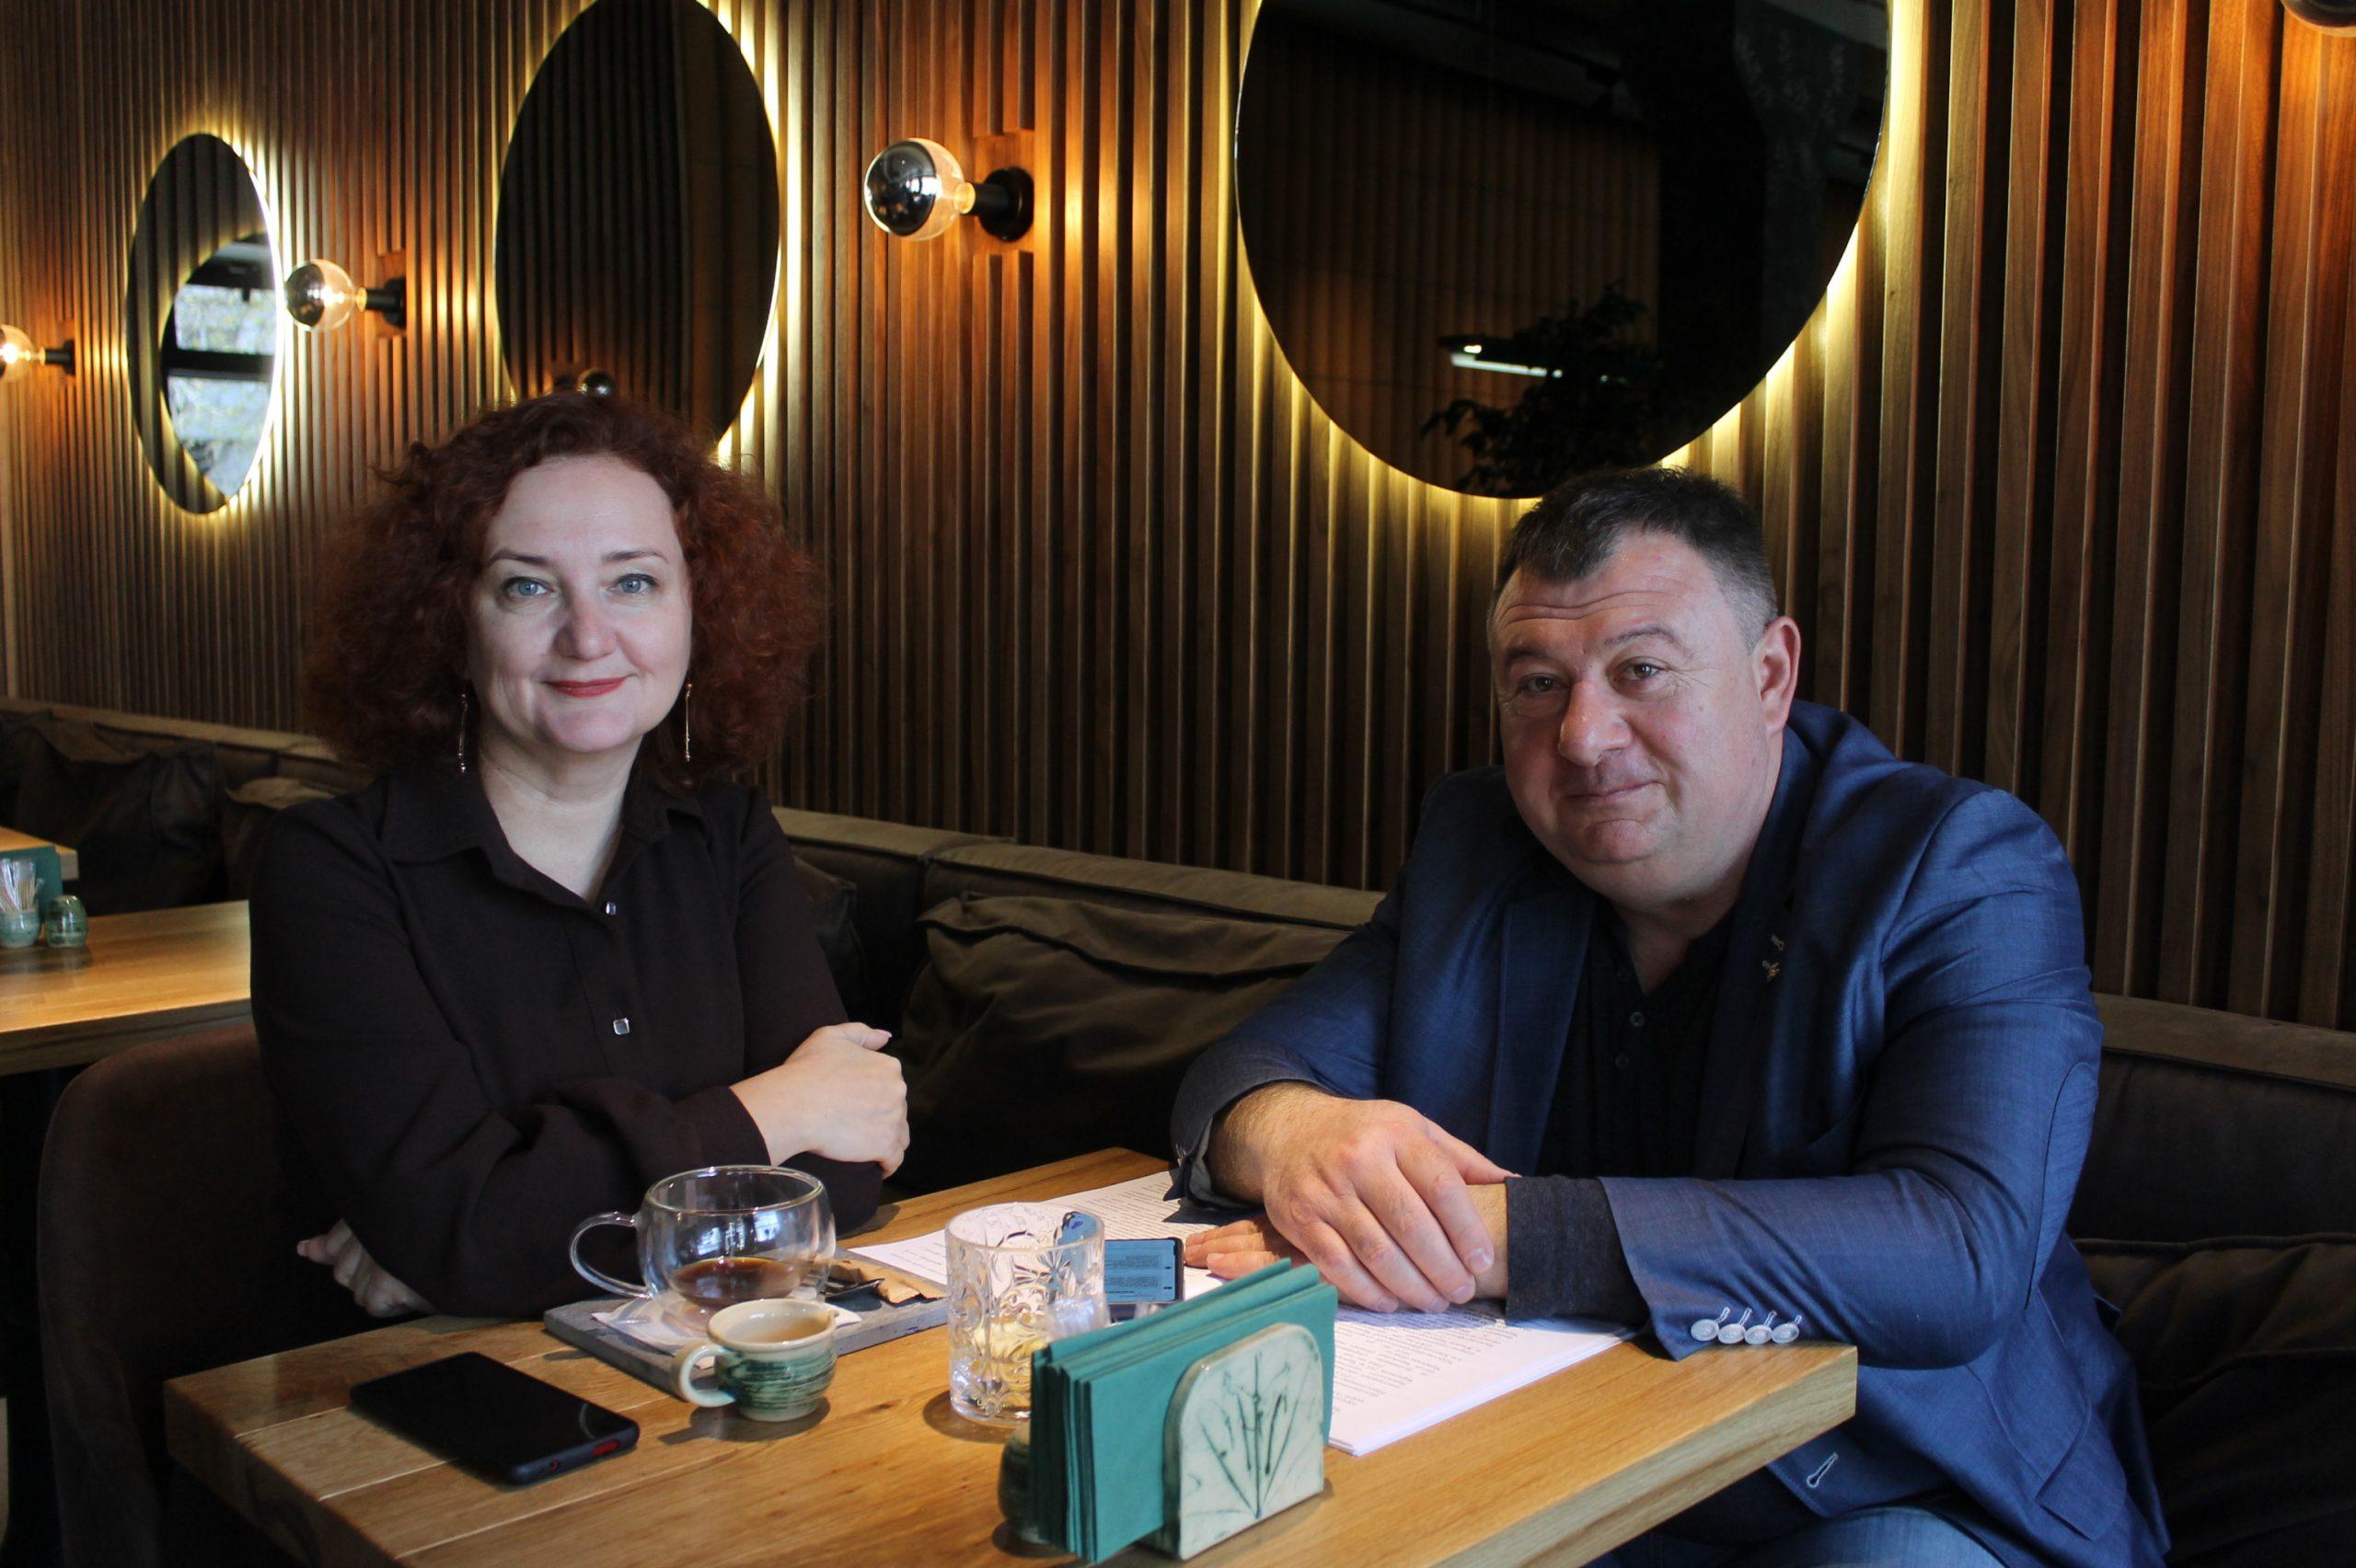 Олександр Радуцький: «Представники «Європейської Соліданості» лобіюватимуть питання, що пов'язані з охороною здоров'я » (ВІДЕО)